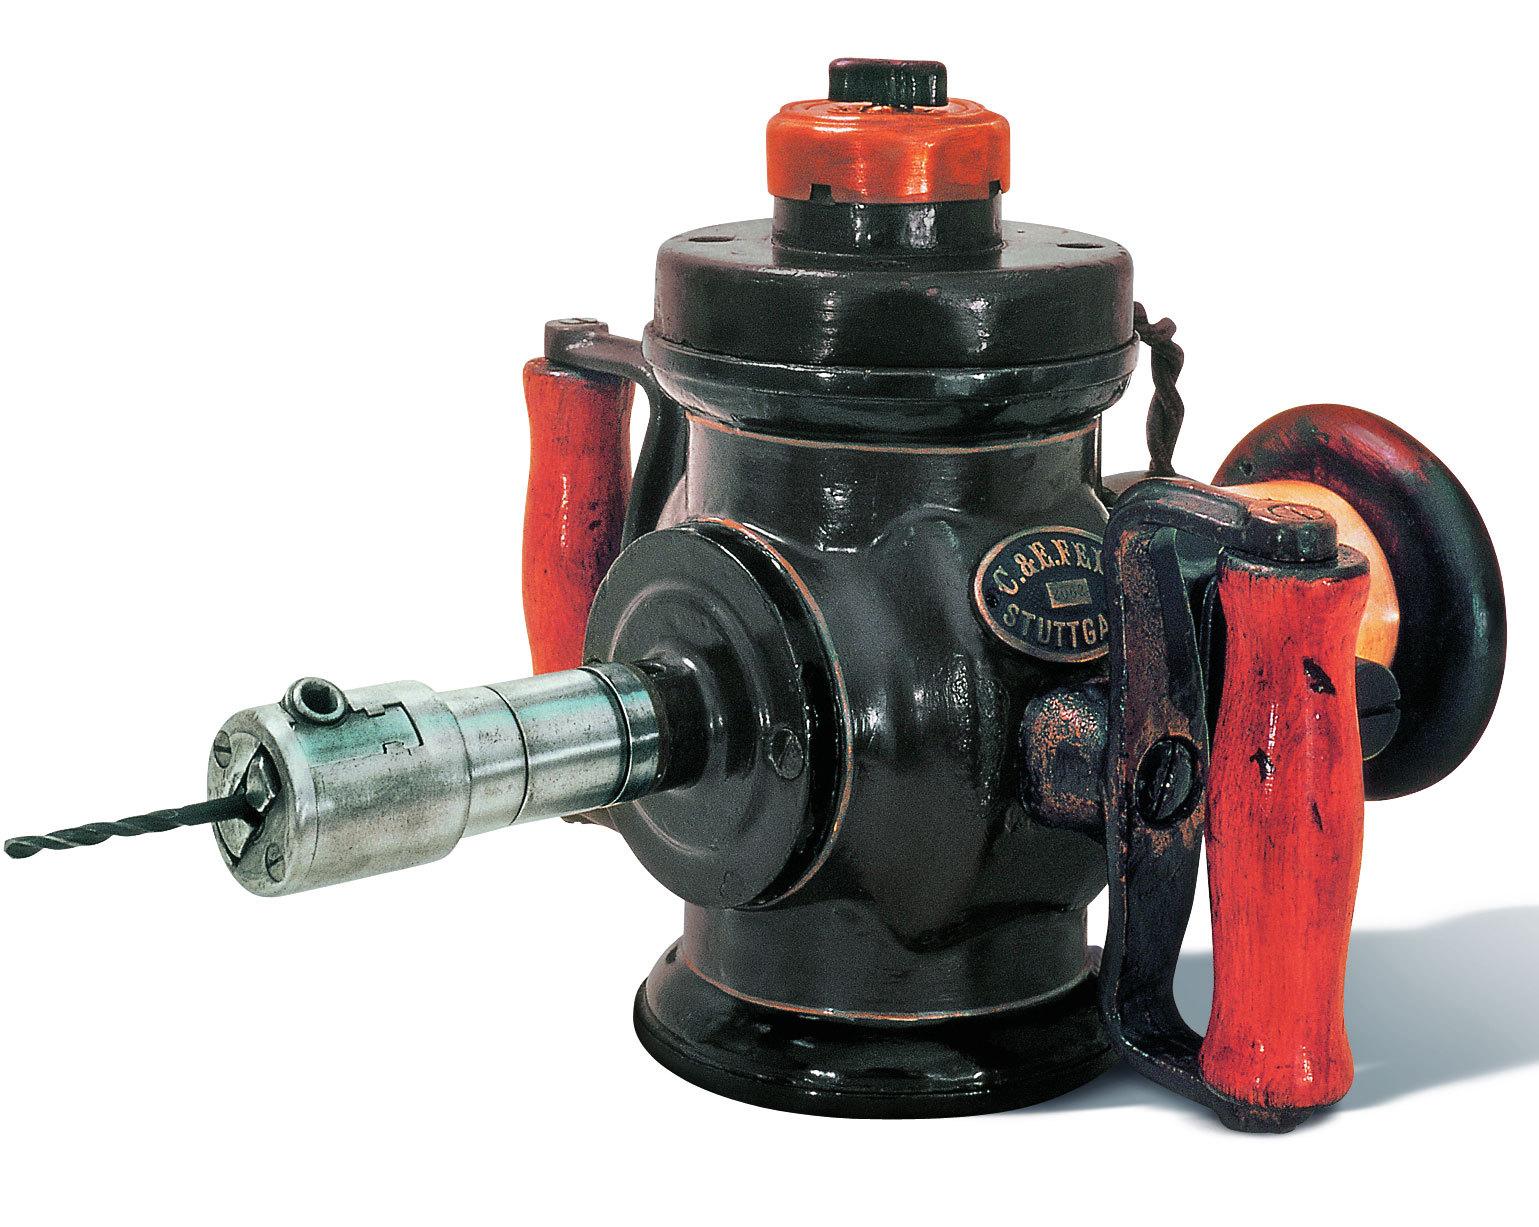 手电钻就是以交流电源或直流电池为动力的钻孔工具,是手持式电动工具